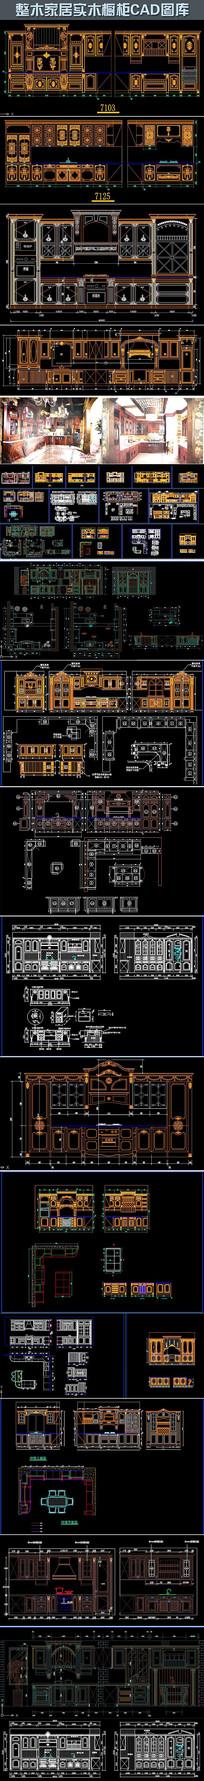 全层定制实木橱柜CAD图库